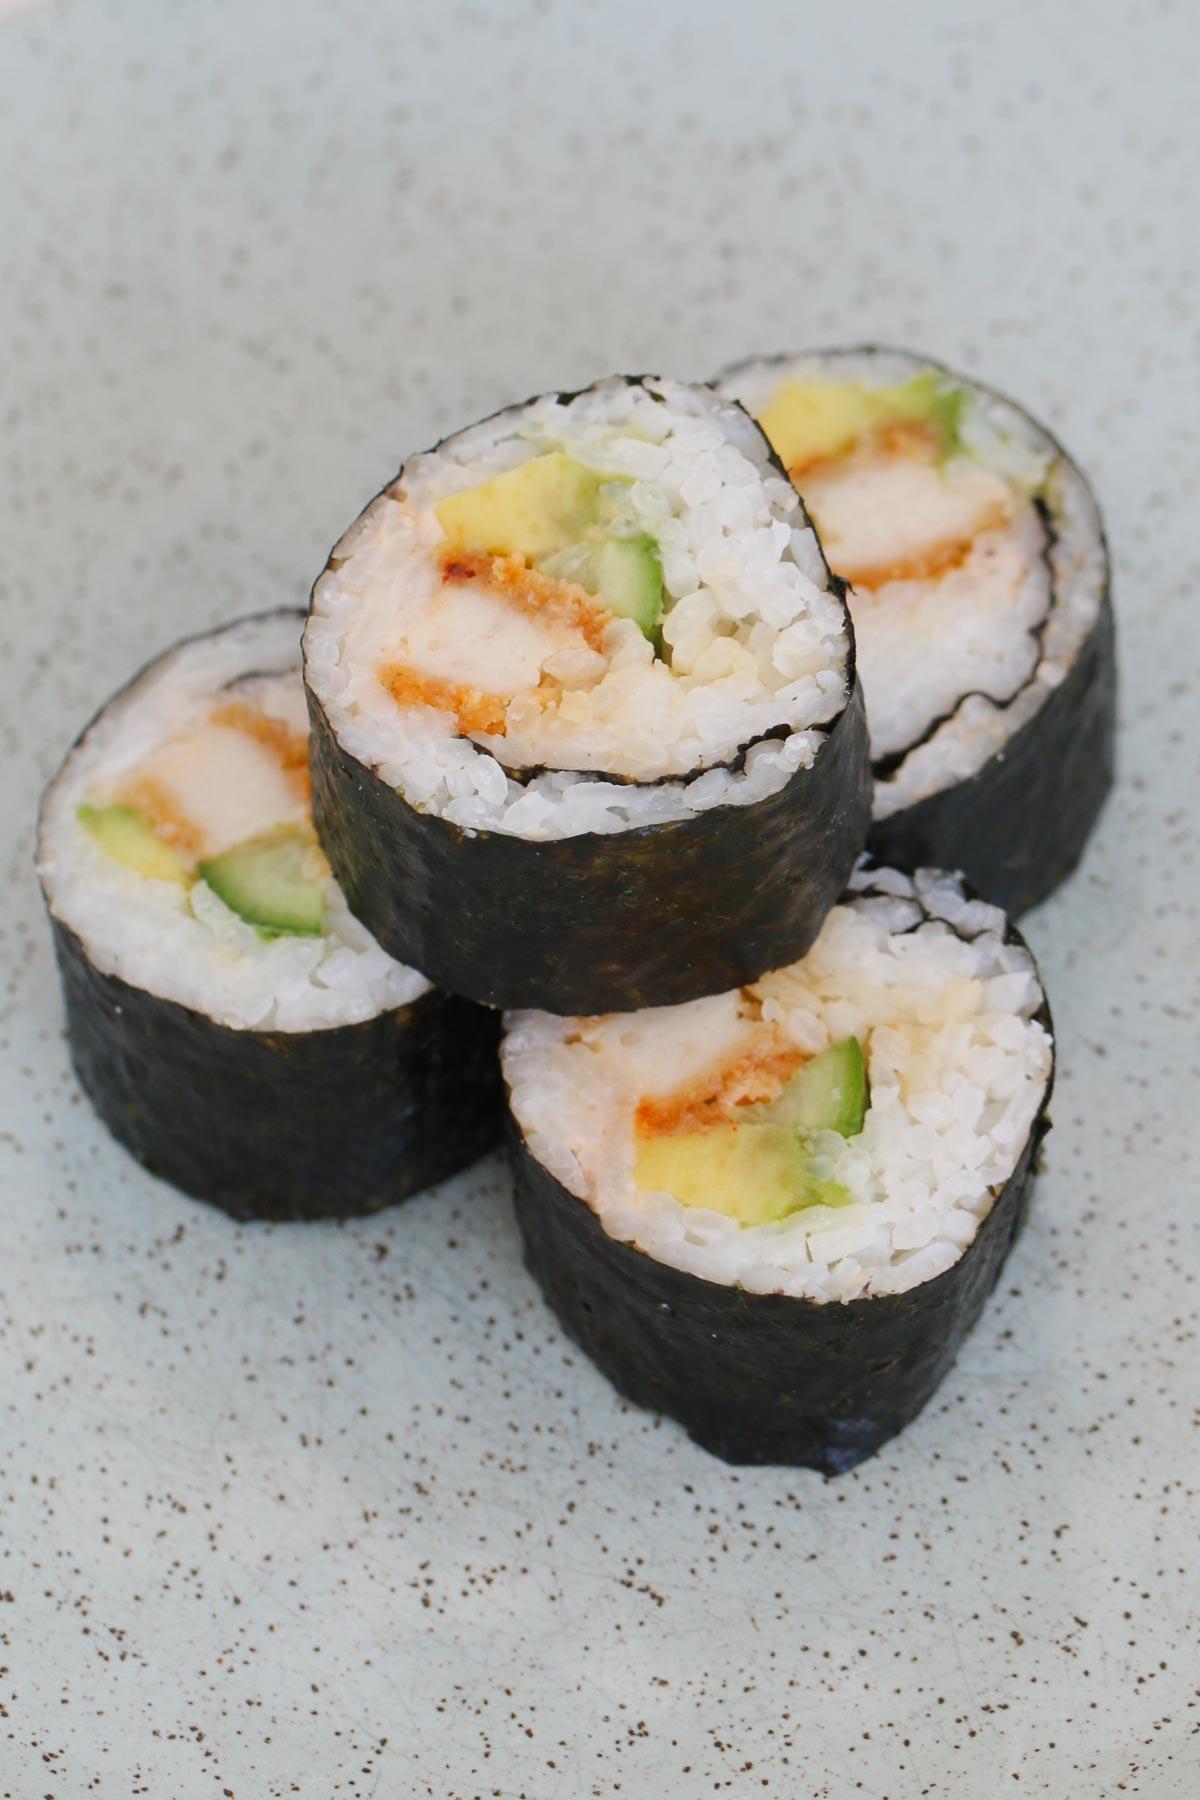 Una pila de arroz blanco, pollo y aguacate envuelto en hojas de nori.